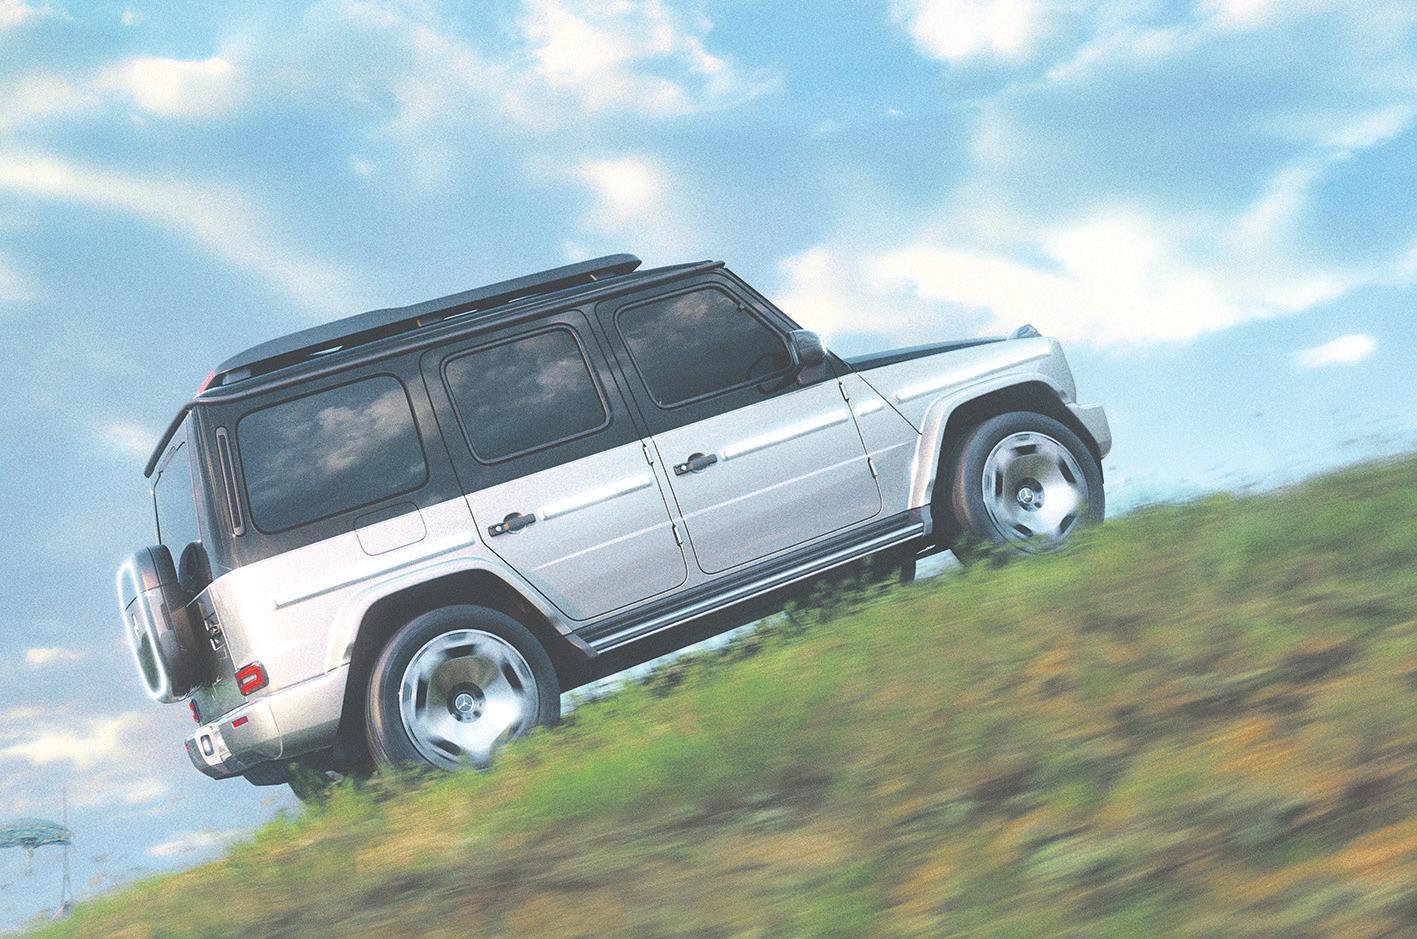 Auf den ersten Blick als Vertreter der G-Klasse von Mercedes-Benz zu erkennen: die vollelektrische, seriennahe Studie Concept EQG